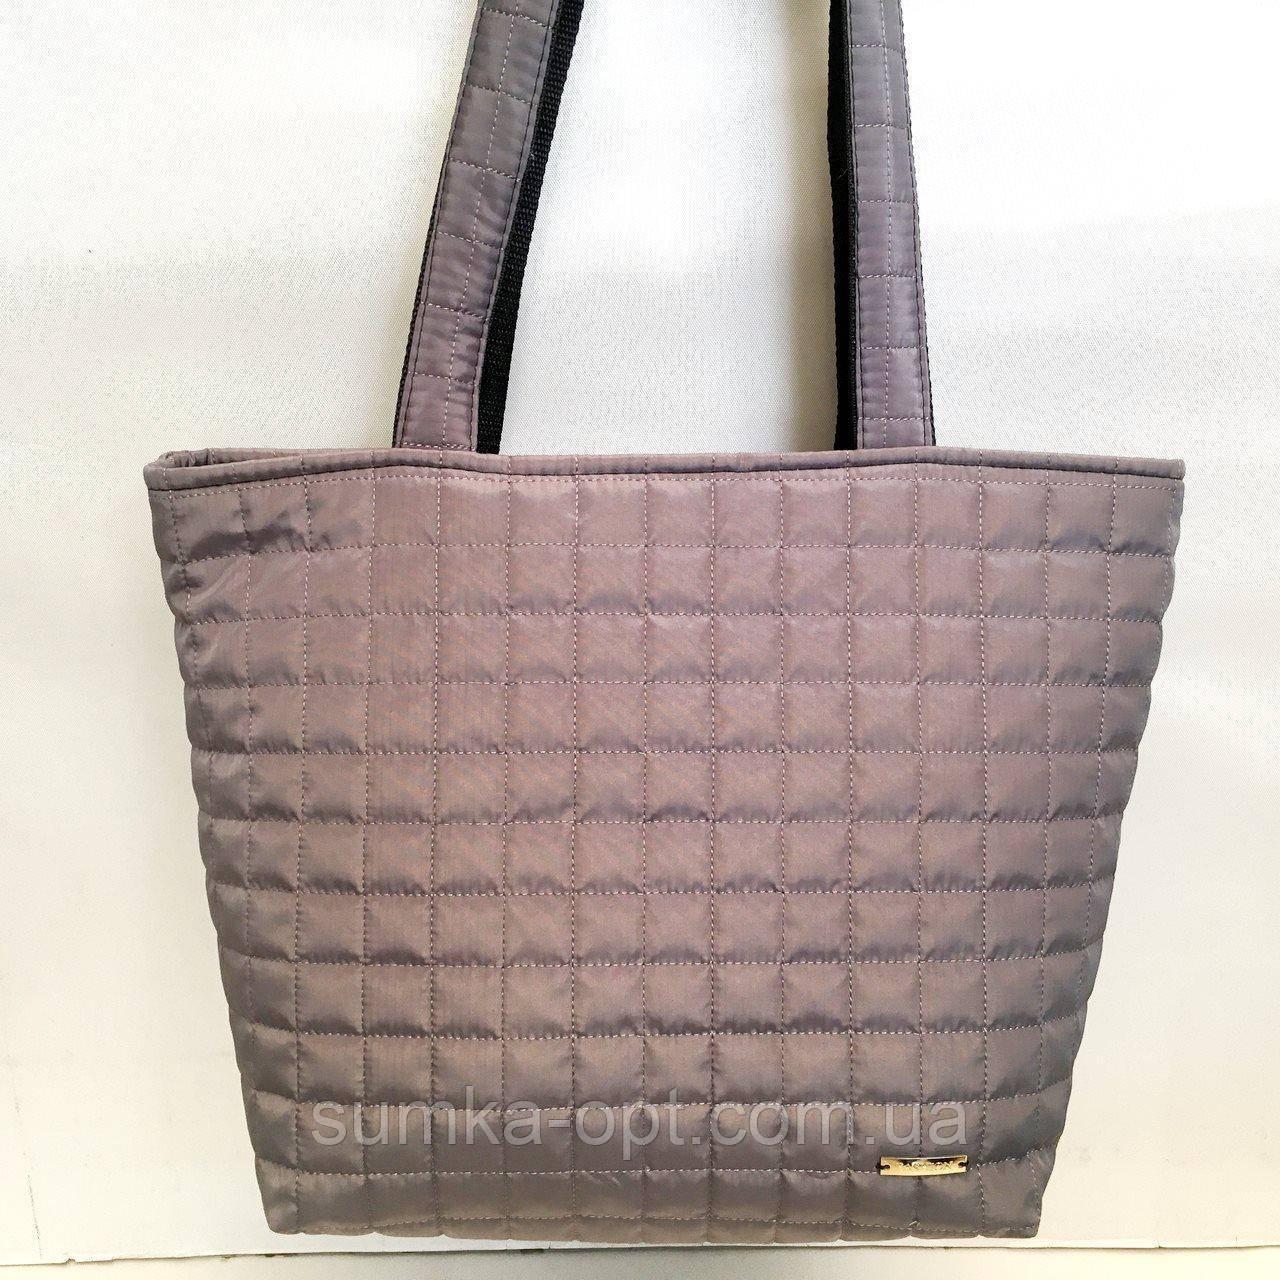 Женские стеганные сумки дешево опт до 100грн (кофе)30*41см